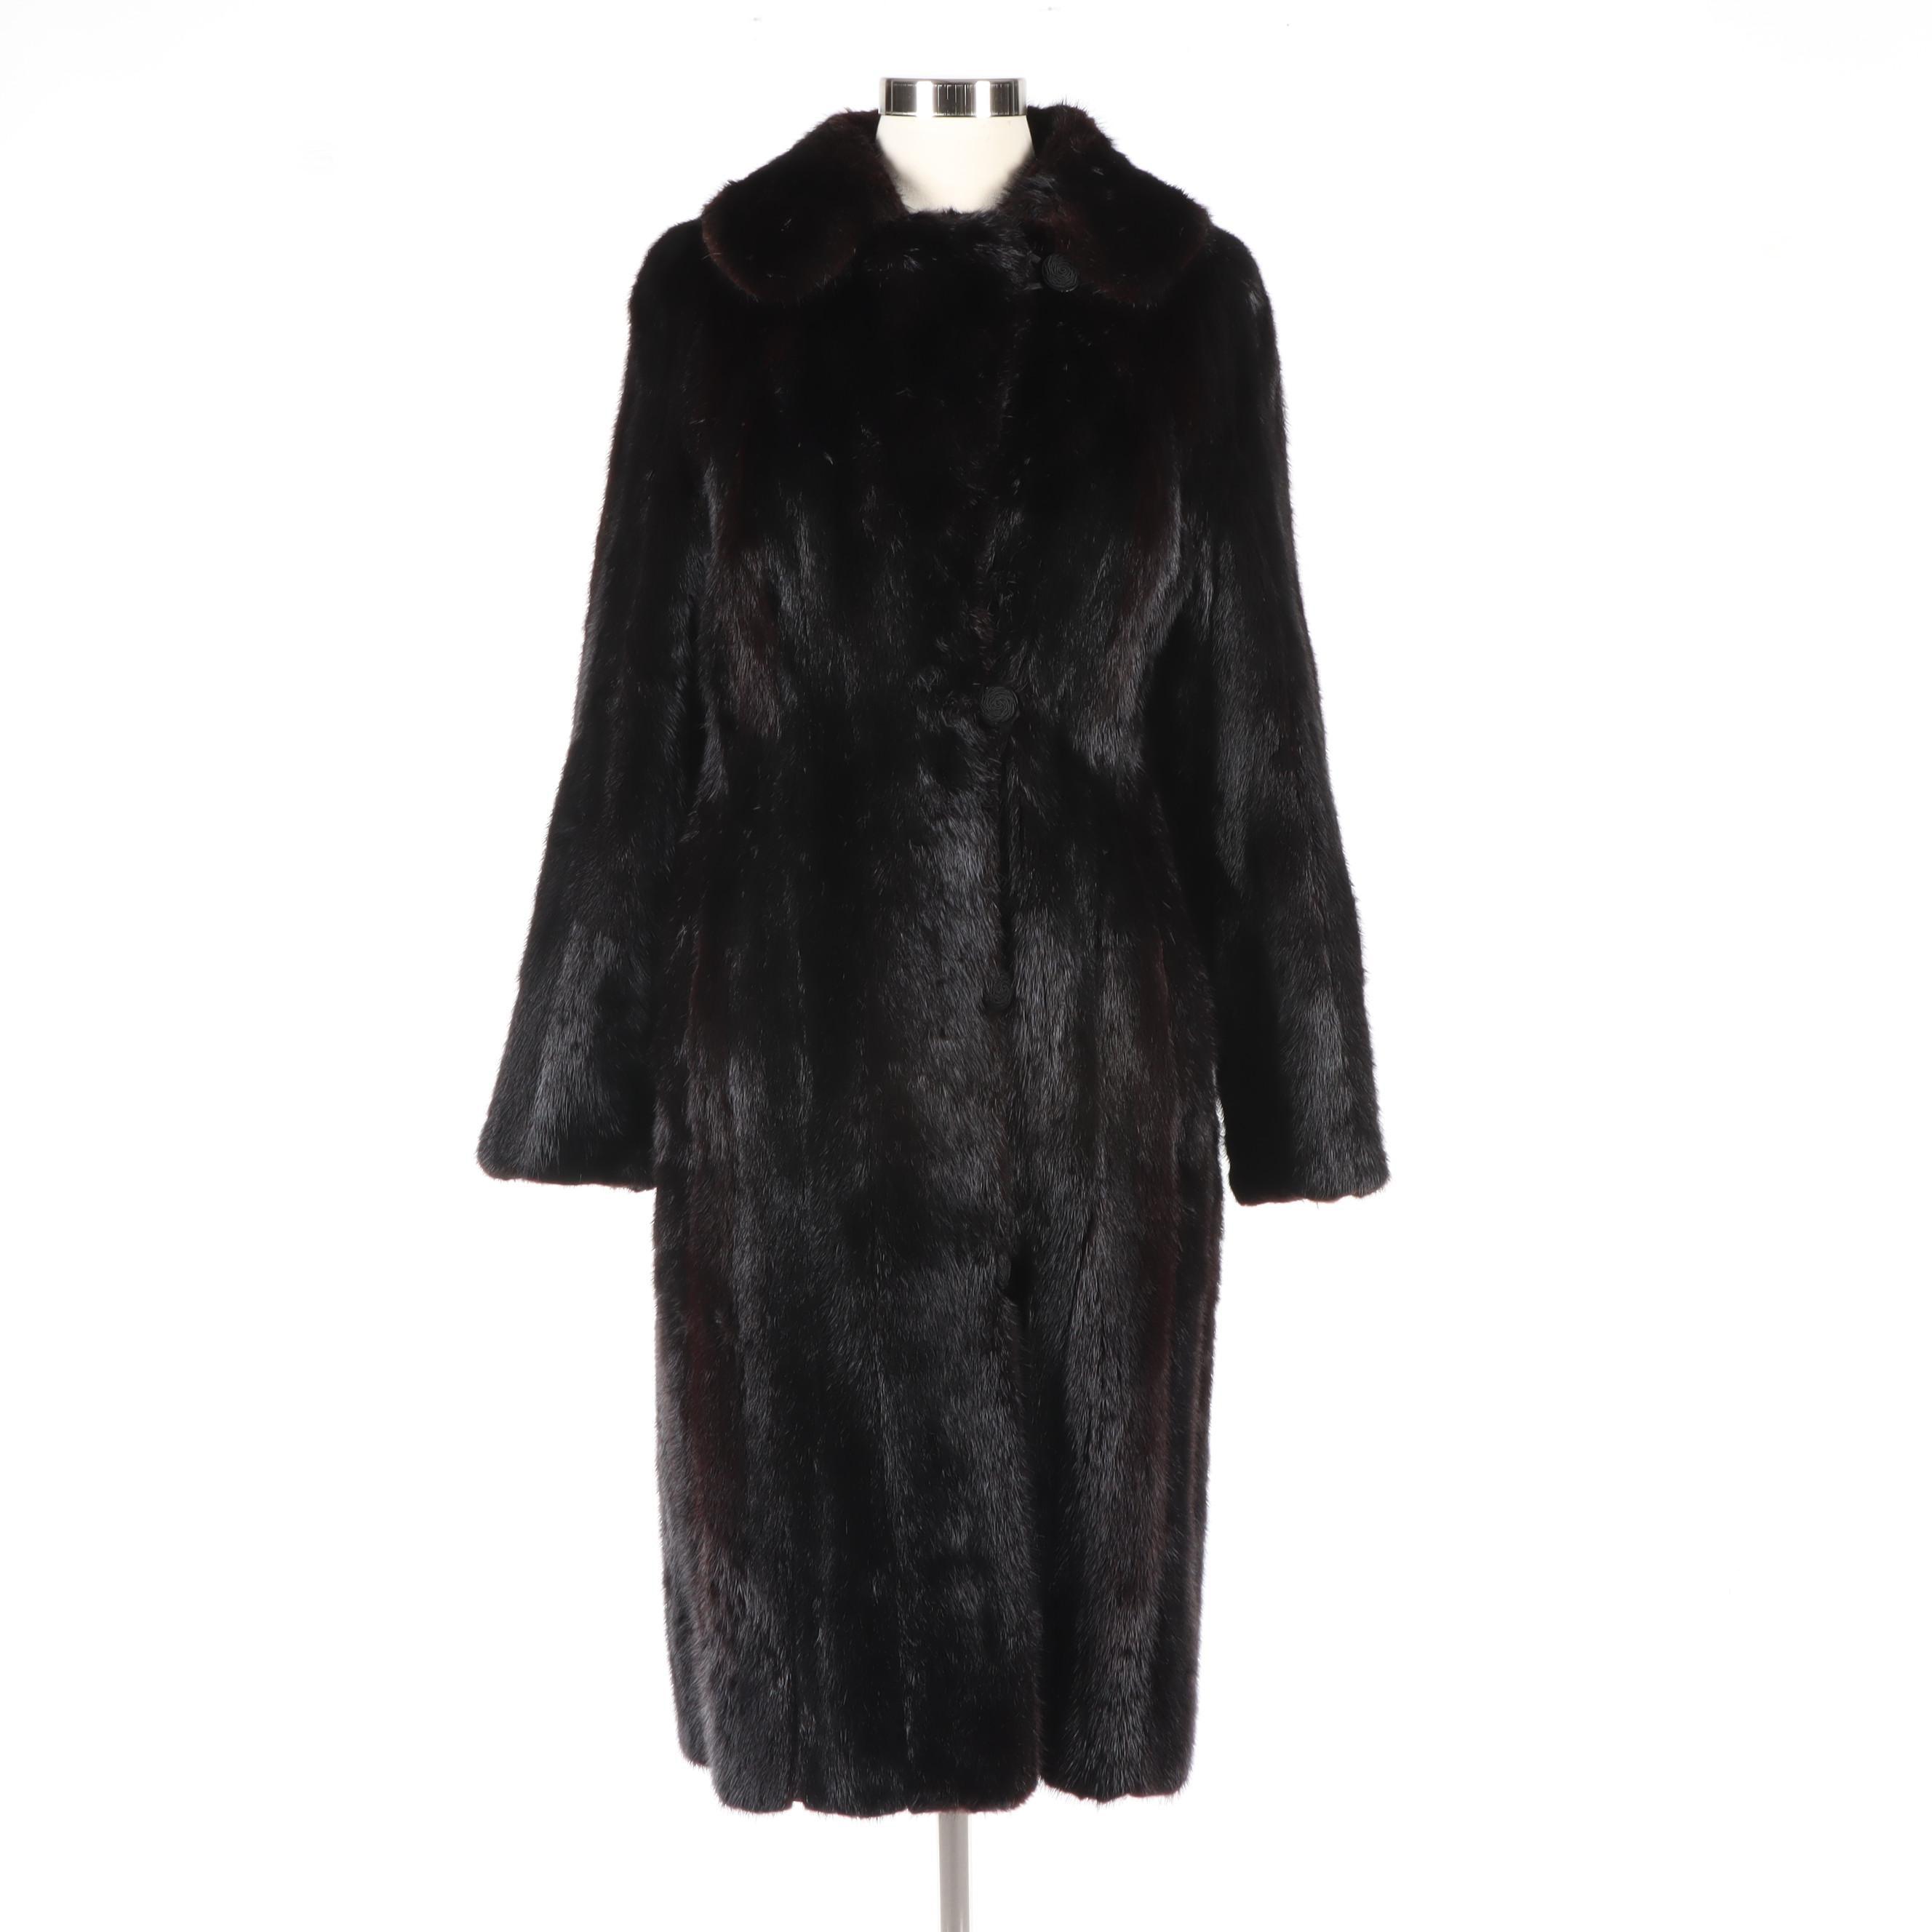 Mink Fur Coat from Turner & Magit Fine Furs of Chicago, Vintage